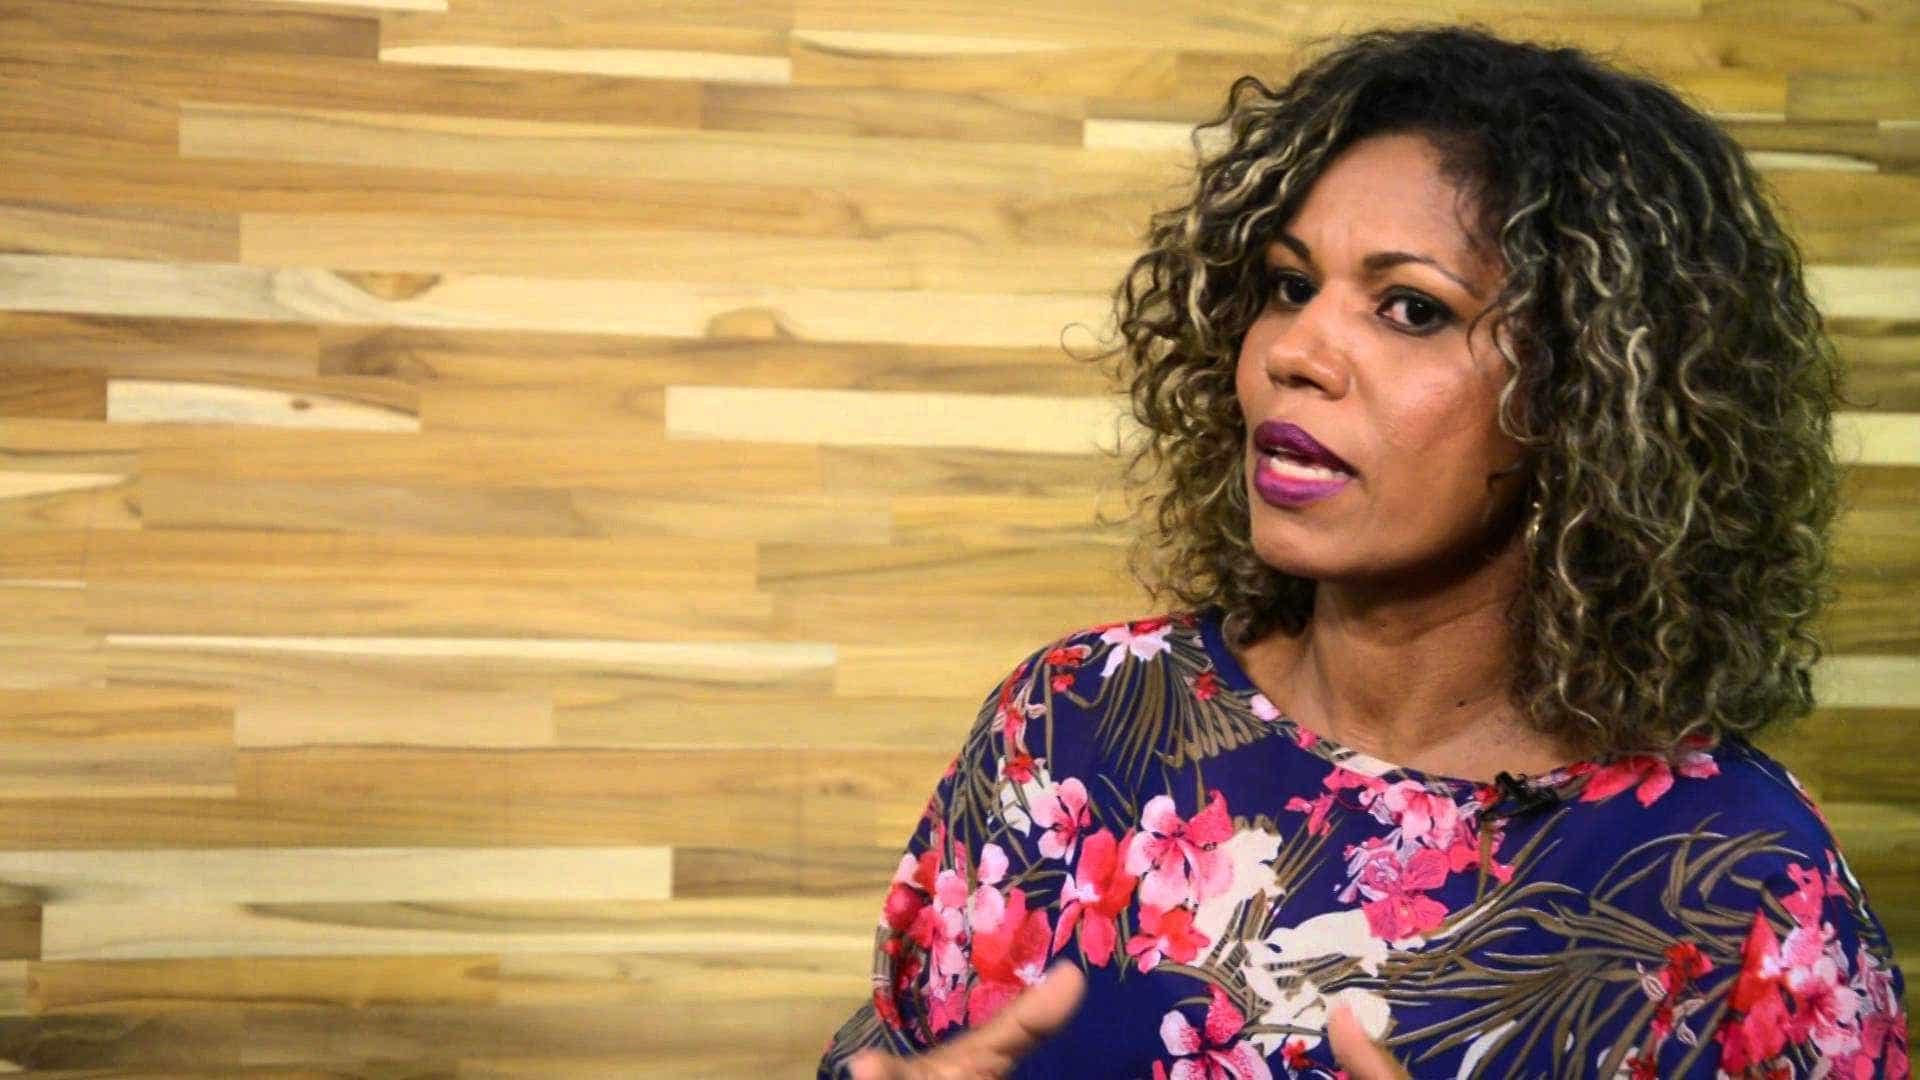 Ex-morena do 'Tchan' vence depressão e diz se inspirar em Ana Furtado